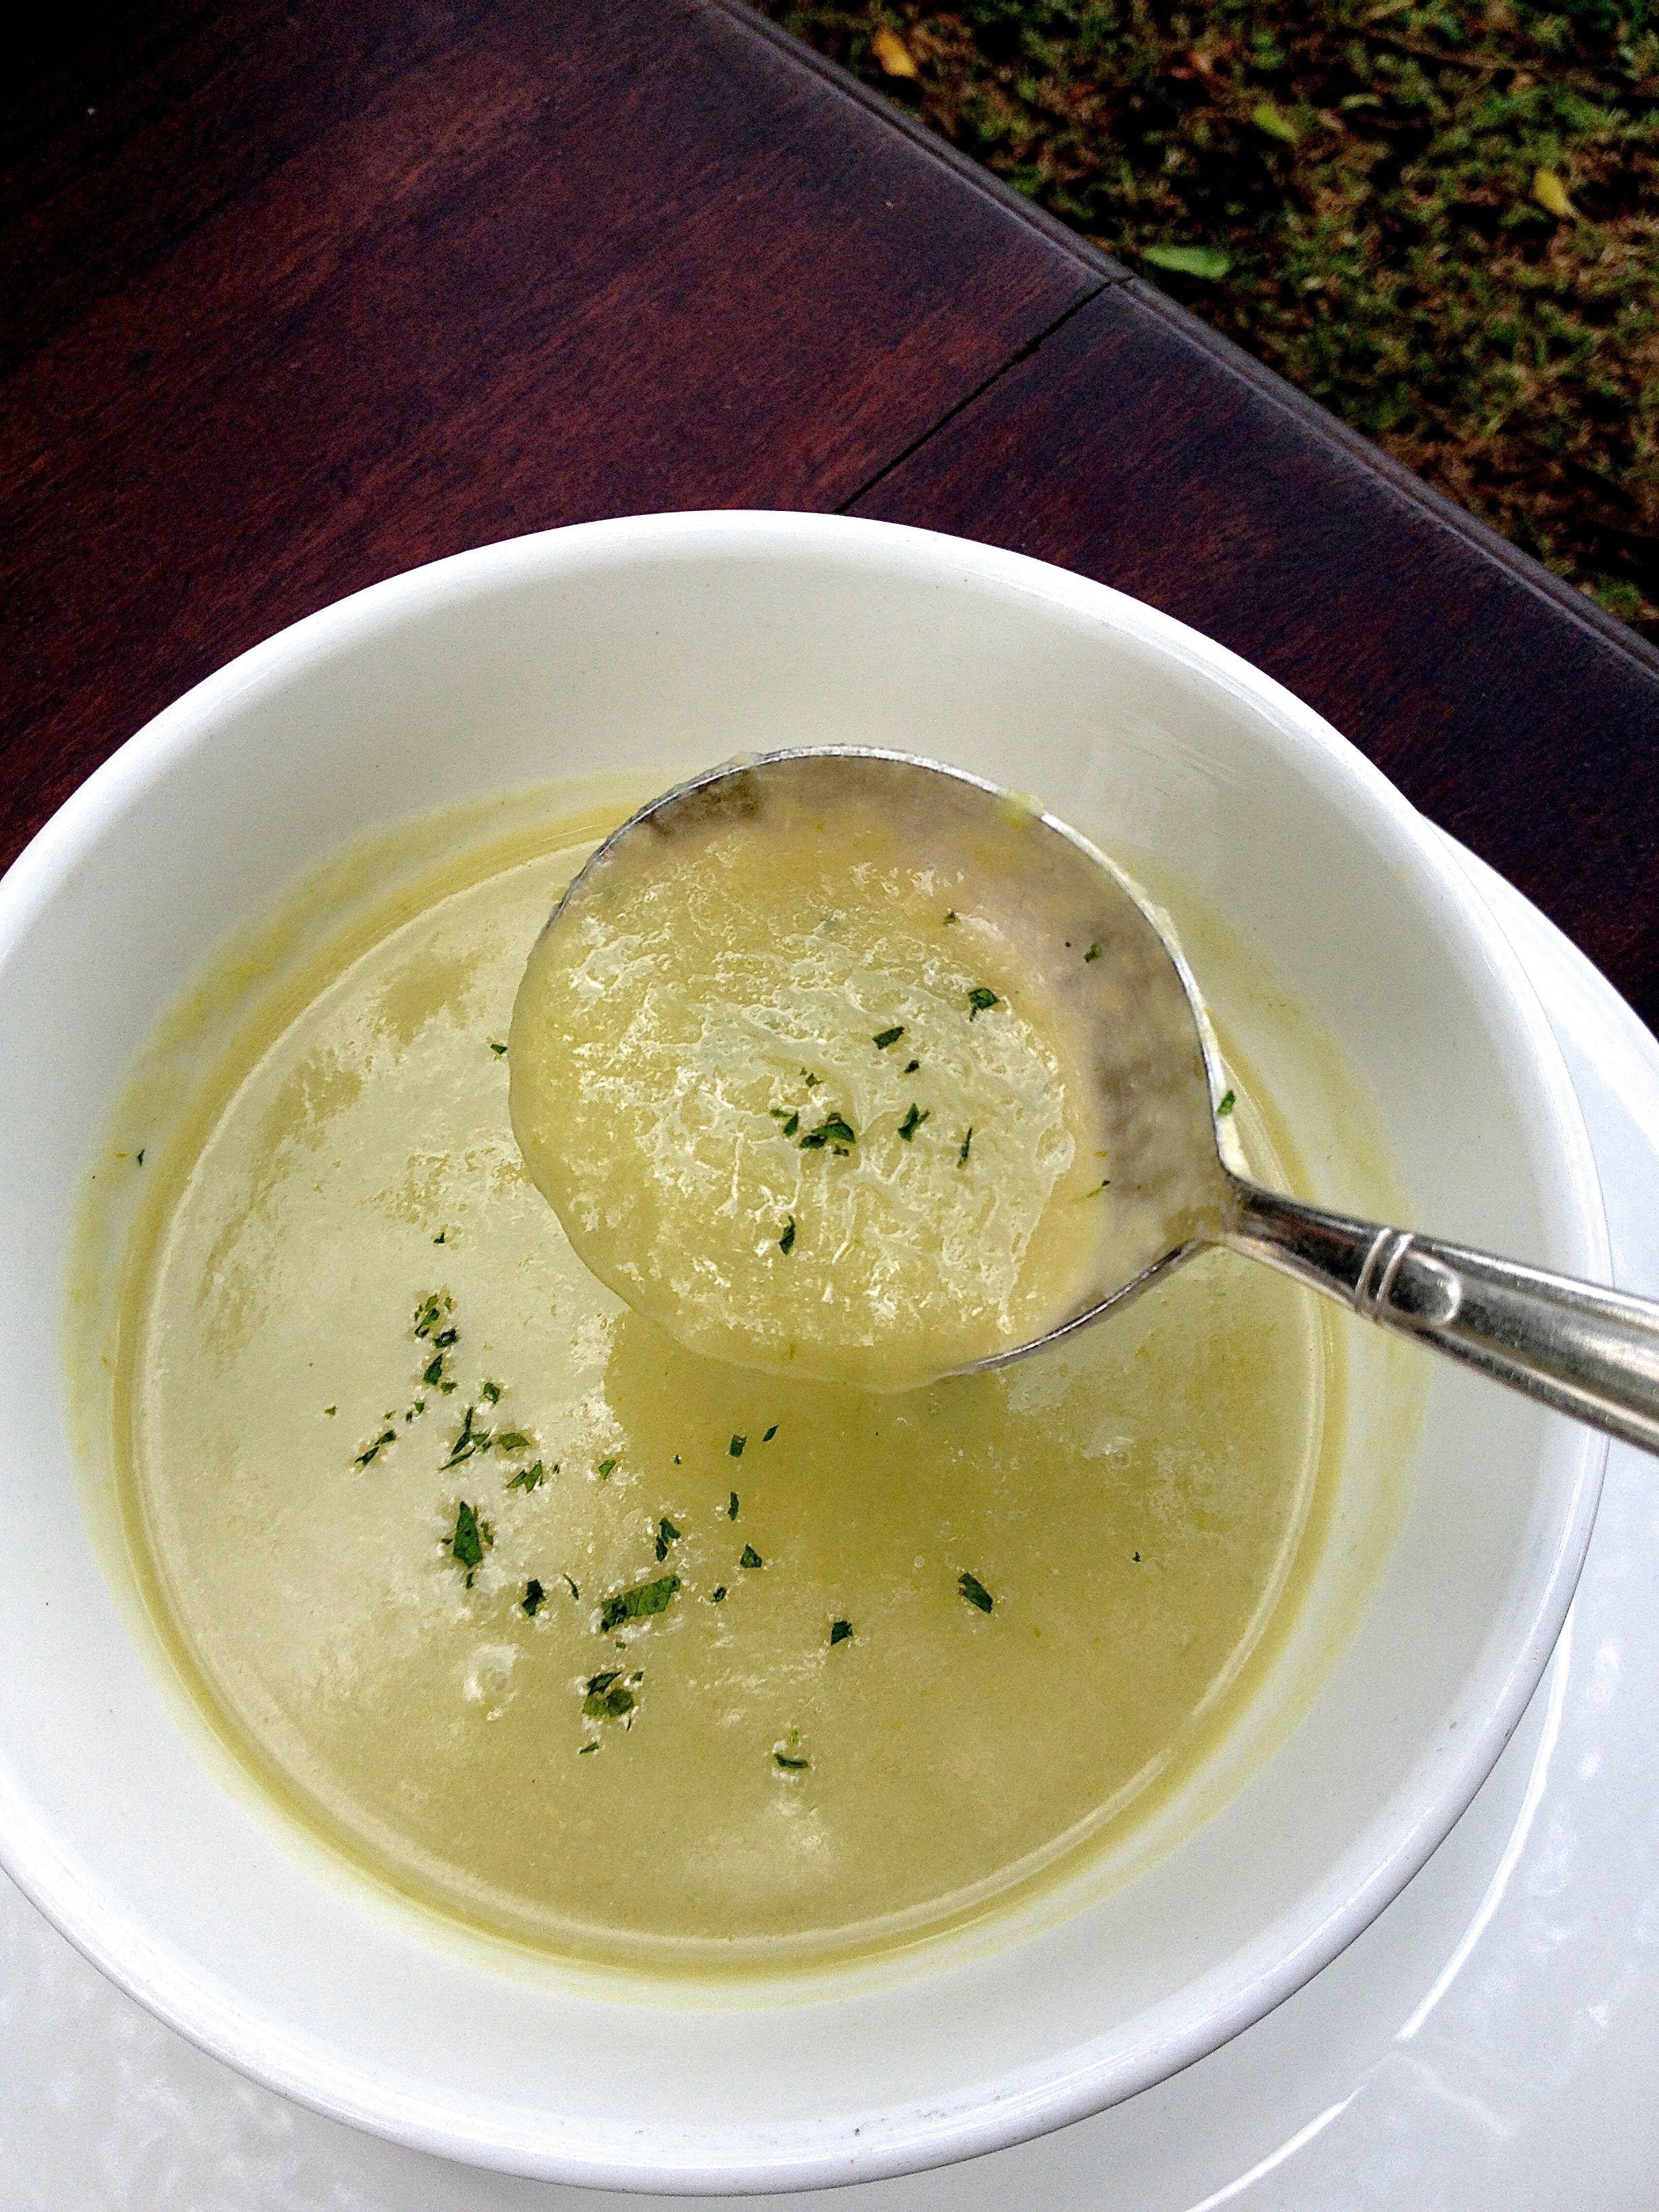 Easy Potato Soup Recipes  Easy Leek Potato Soup Recipe